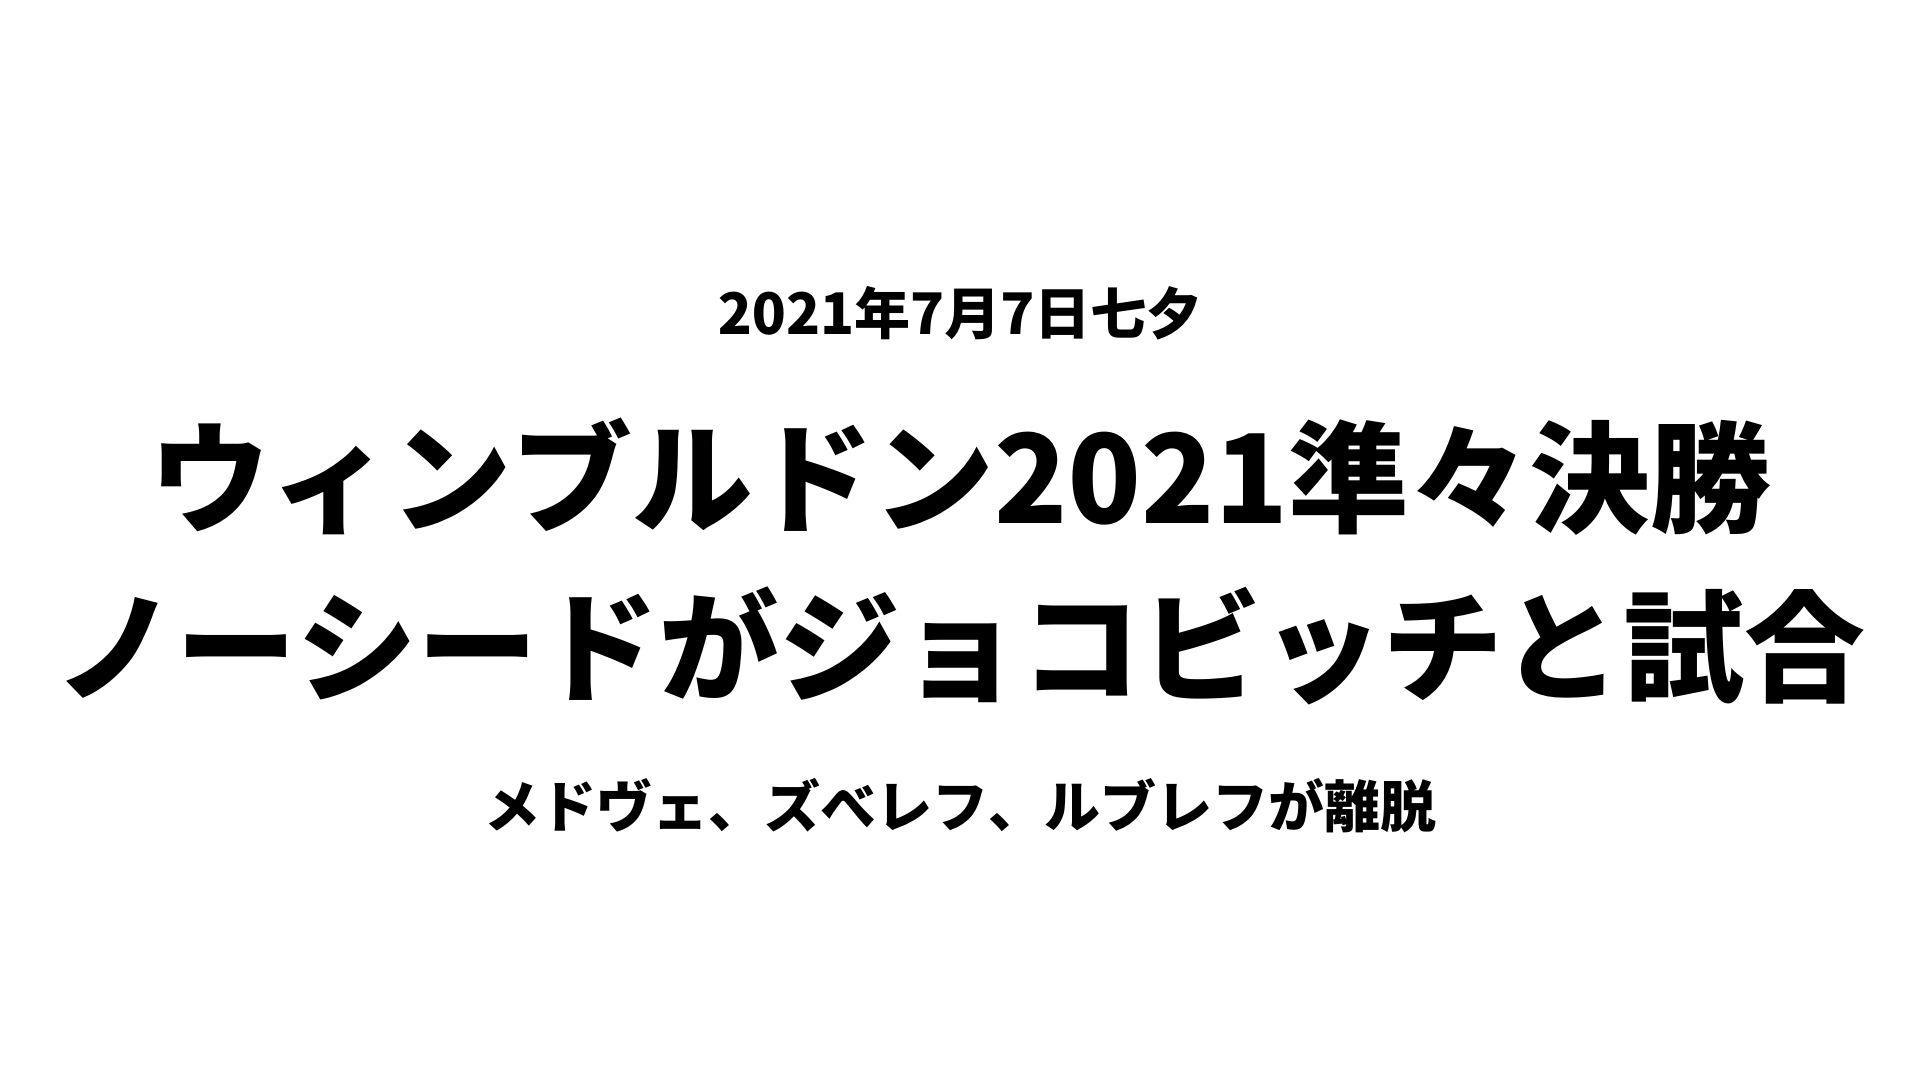 ウィンブルドン2021準々決勝ブックメーカーbet365予想